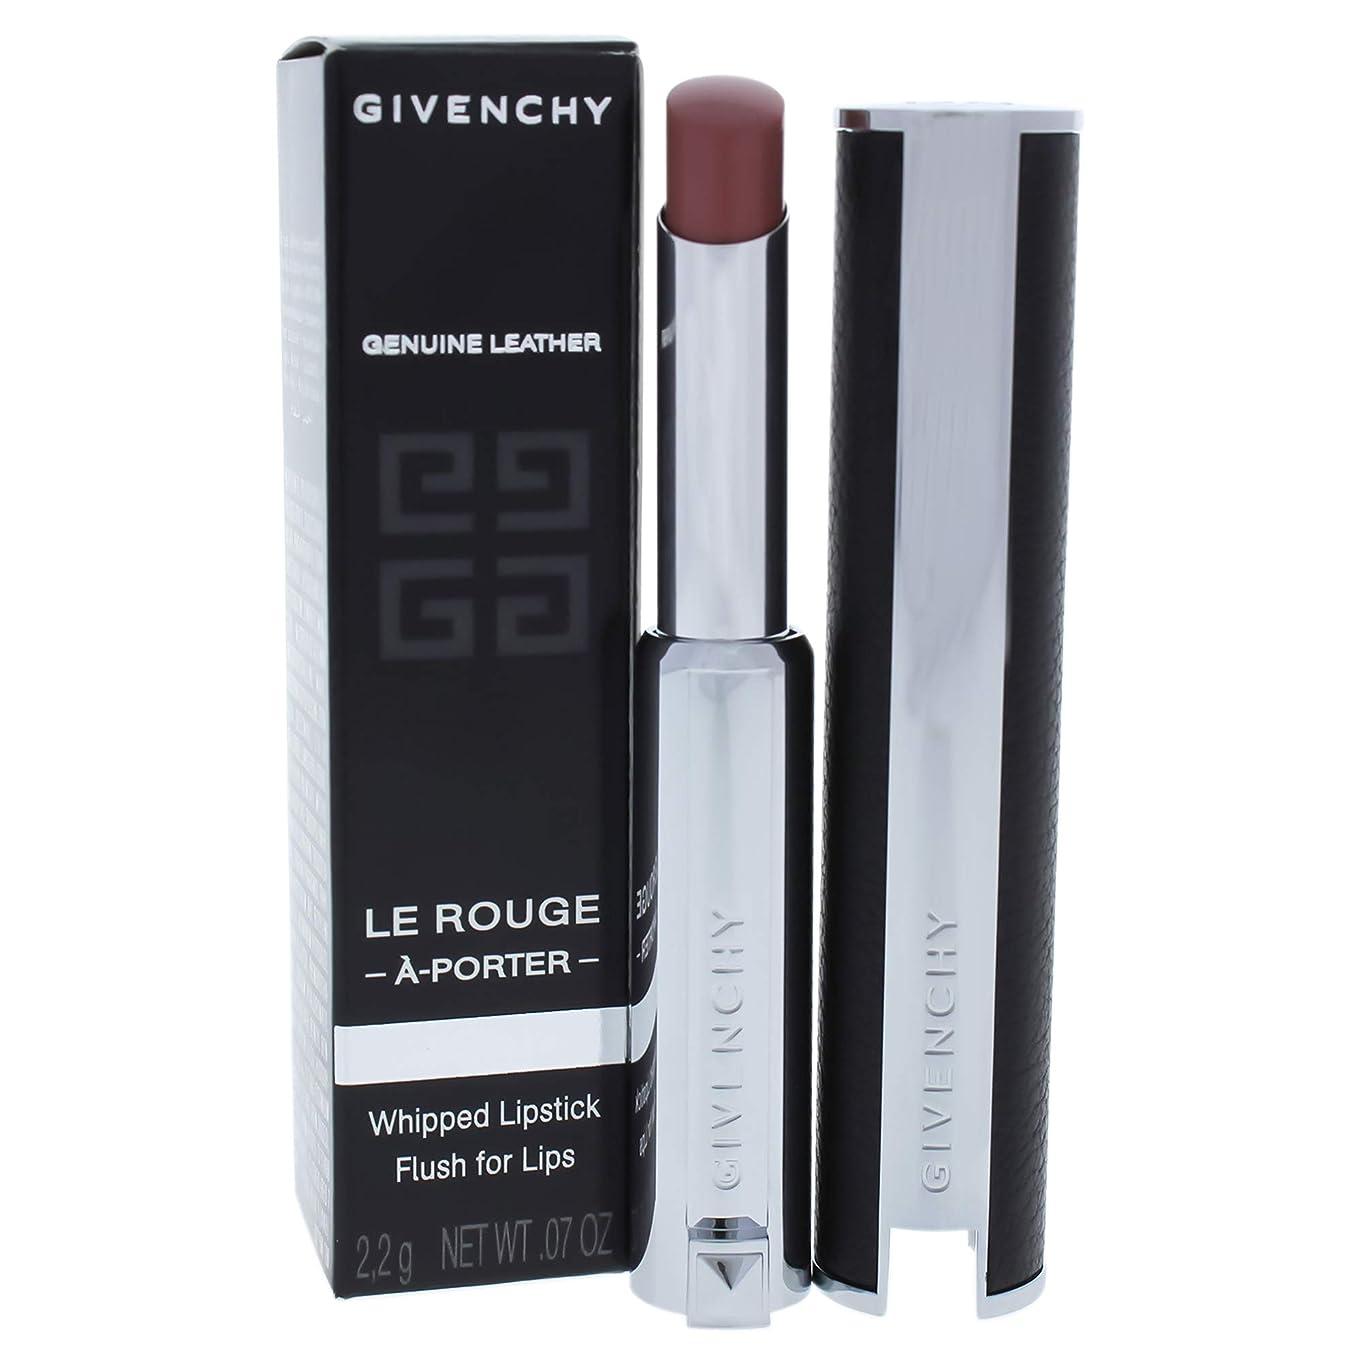 固める帝国主義ペルメルジバンシィ Le Rouge A Porter Whipped Lipstick - # 106 Parme Silhouette 2.2g/0.07oz並行輸入品